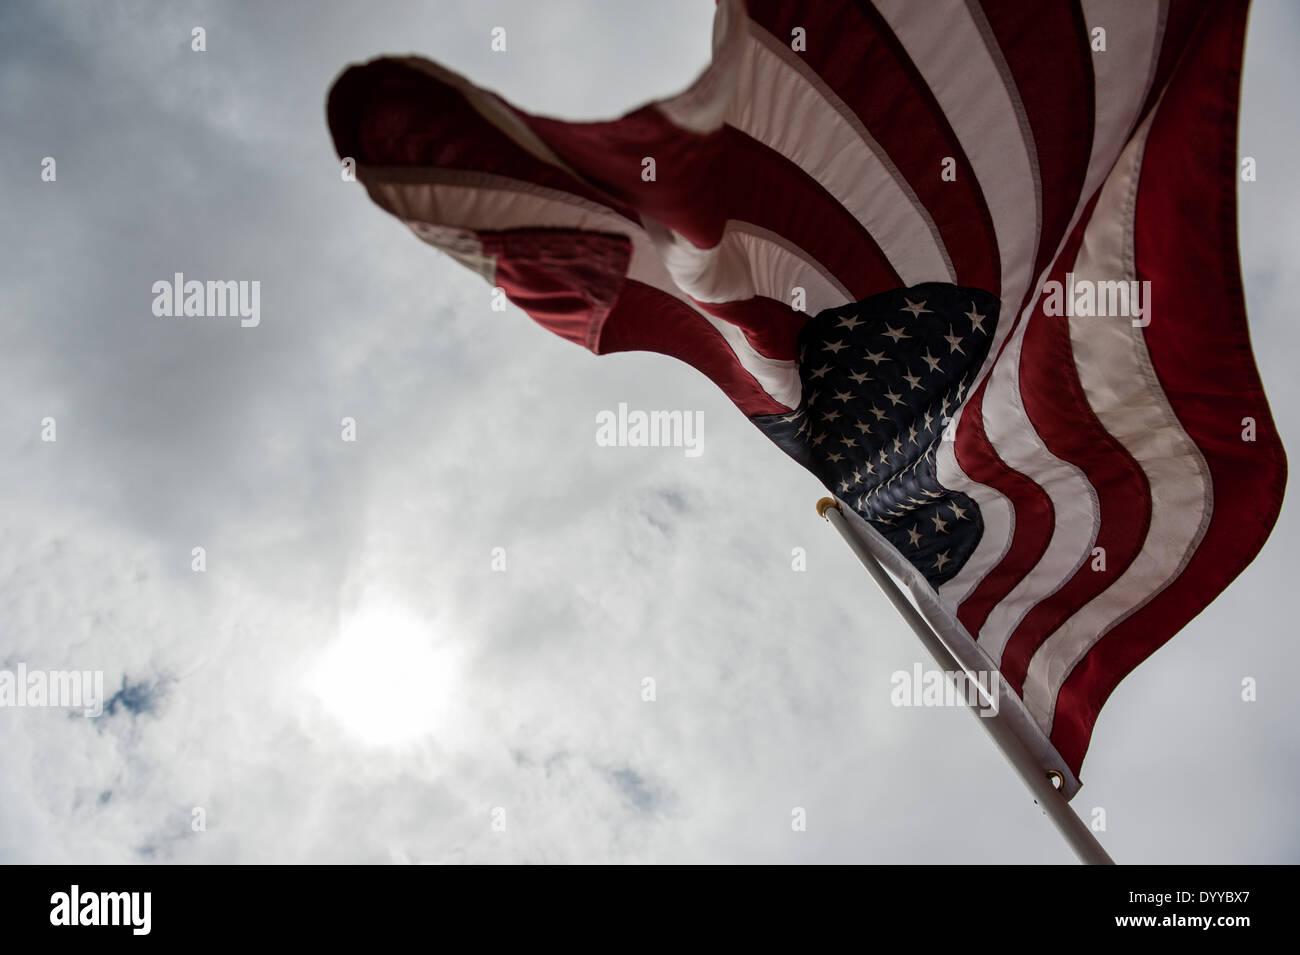 Bunkerville, Nevada, Stati Uniti d'America. 26 apr 2014. Una bandiera americana vola su una collina adiacente alla milizia camp vicino a C. Bundy nel suo ranch vicino a Bunkerville, Nev. Bundy deve più di 1 milione di dollari in passato a causa di tasse di pascolo per il Bureau of Land Management, e un elemento di distanziamento tra il proprietario terriero e gli agenti federali cercando di rimuovere il suo bestiame venuti a capo di due settimane fa. © sarà Seberger/ZUMAPRESS.com/Alamy Live News Immagini Stock